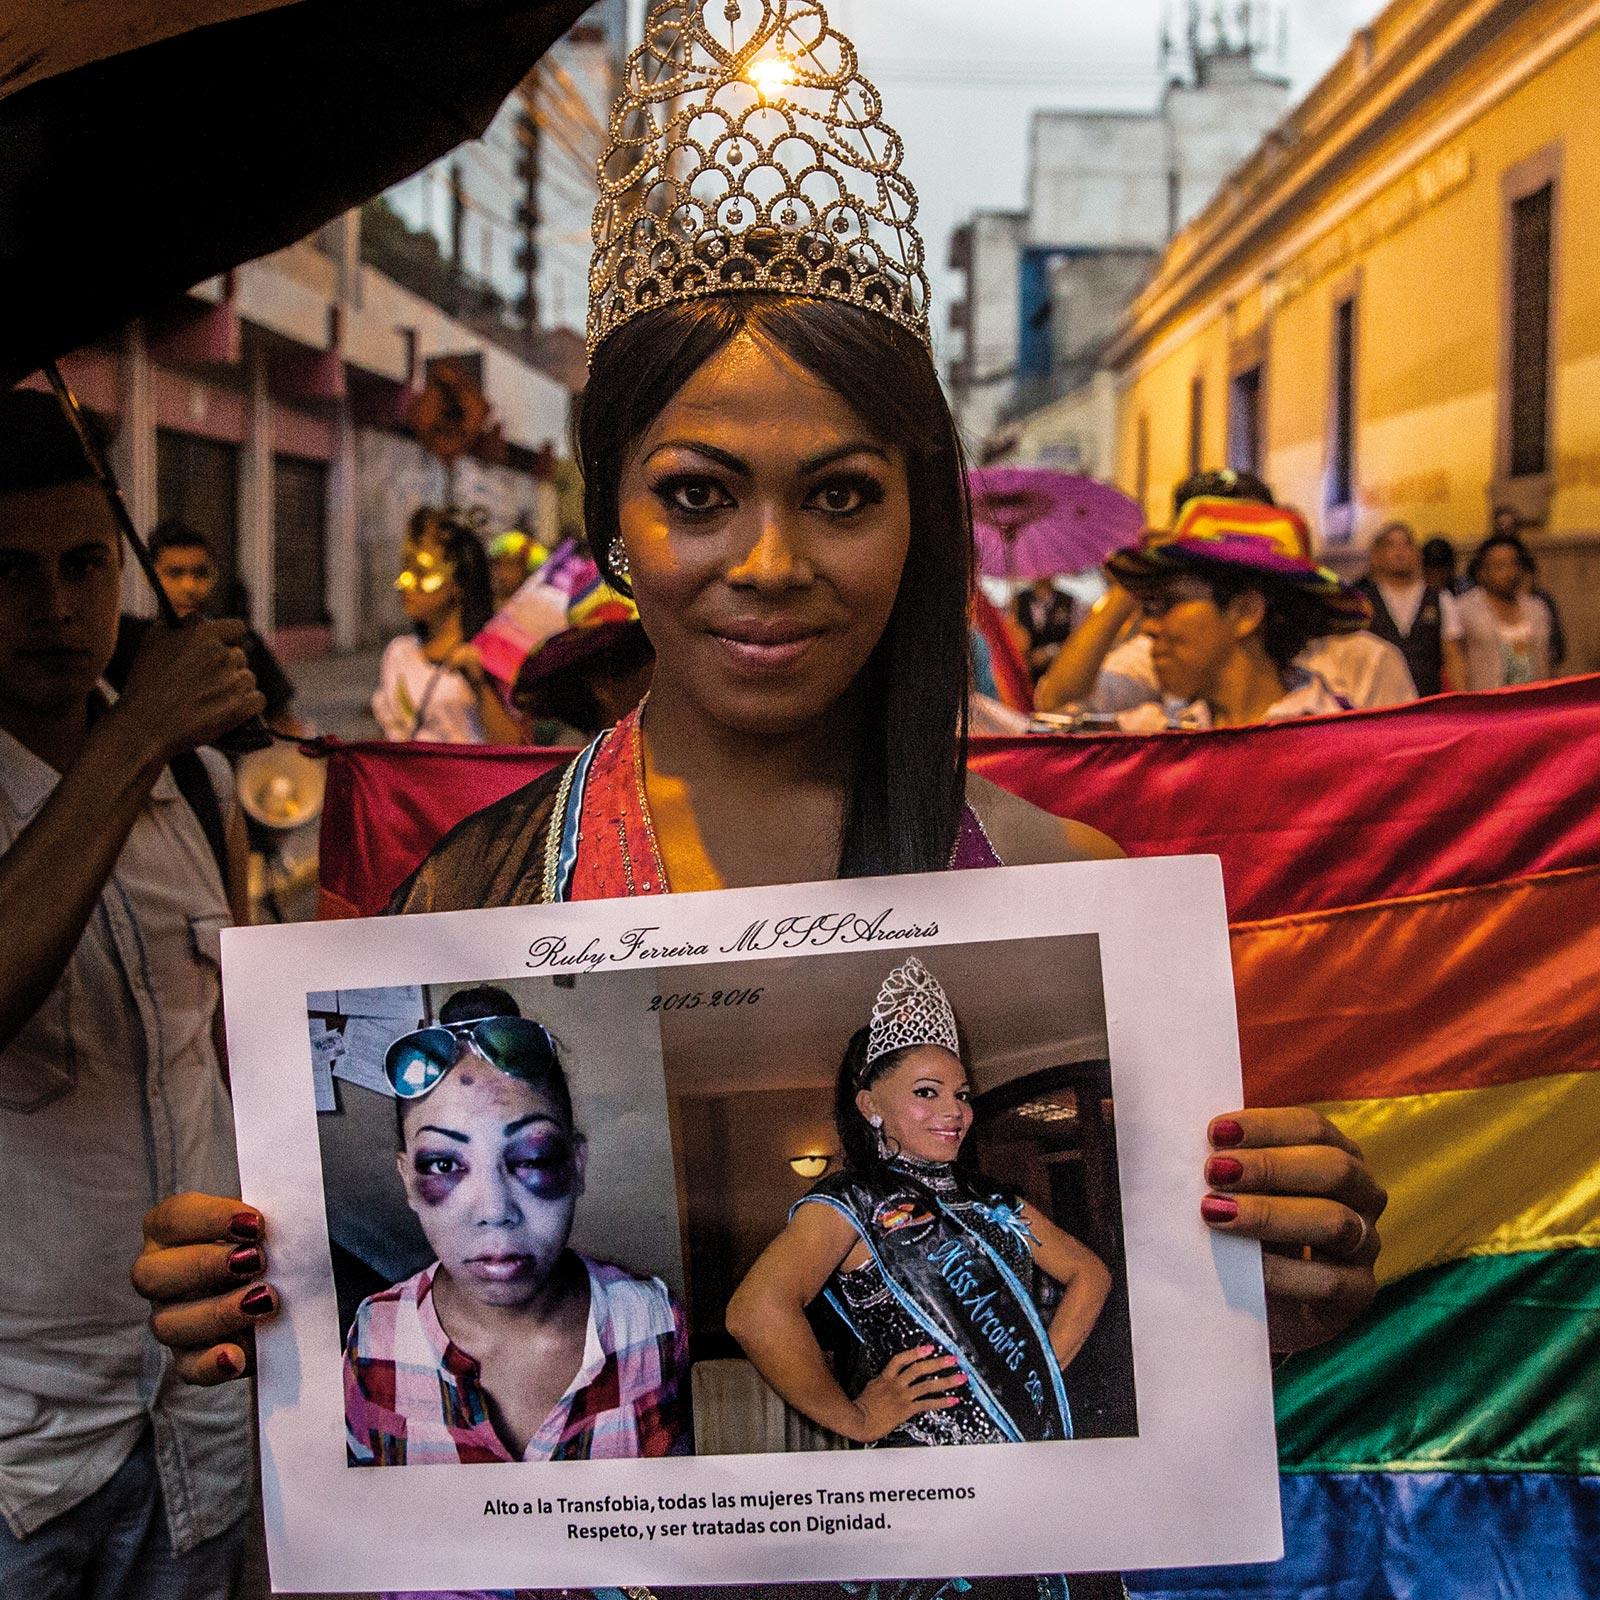 Transphobie und Flucht